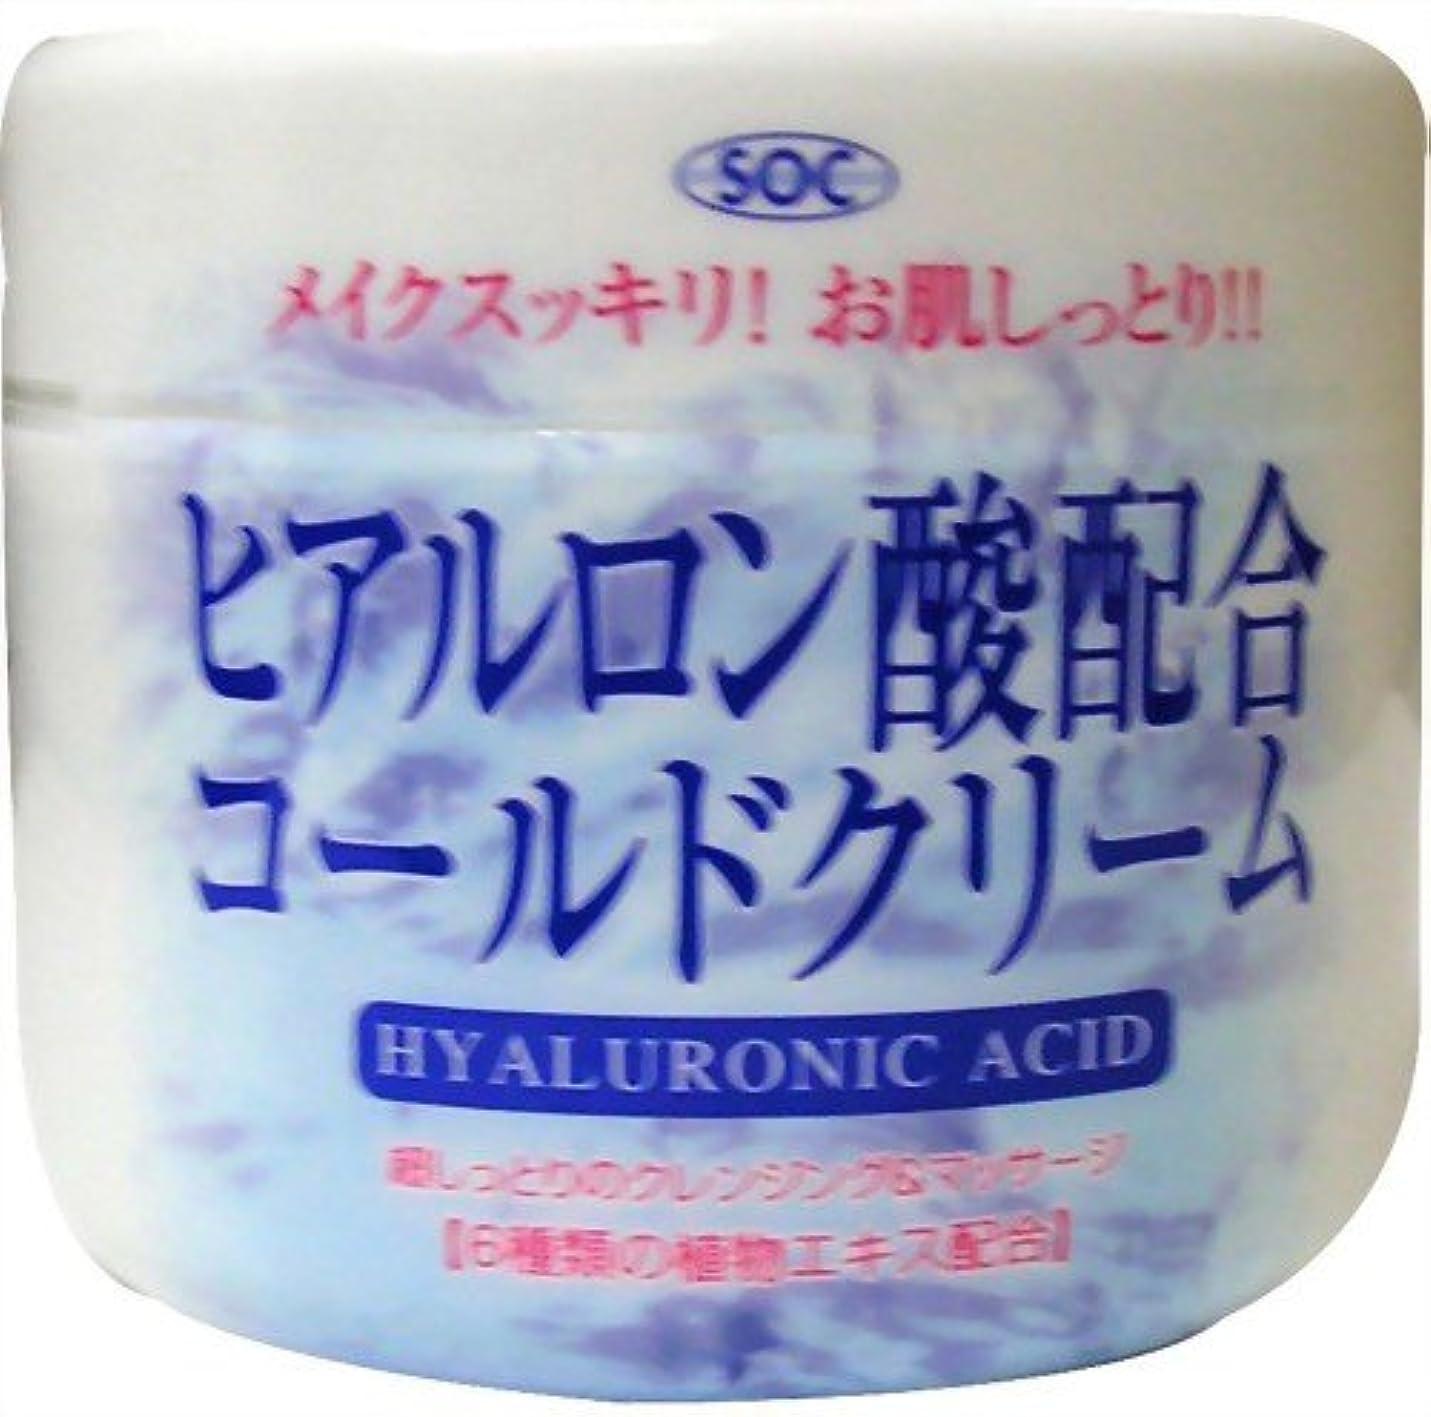 におい引退するカプセル澁谷油脂 ヒアルロン酸コールドクリーム 270g